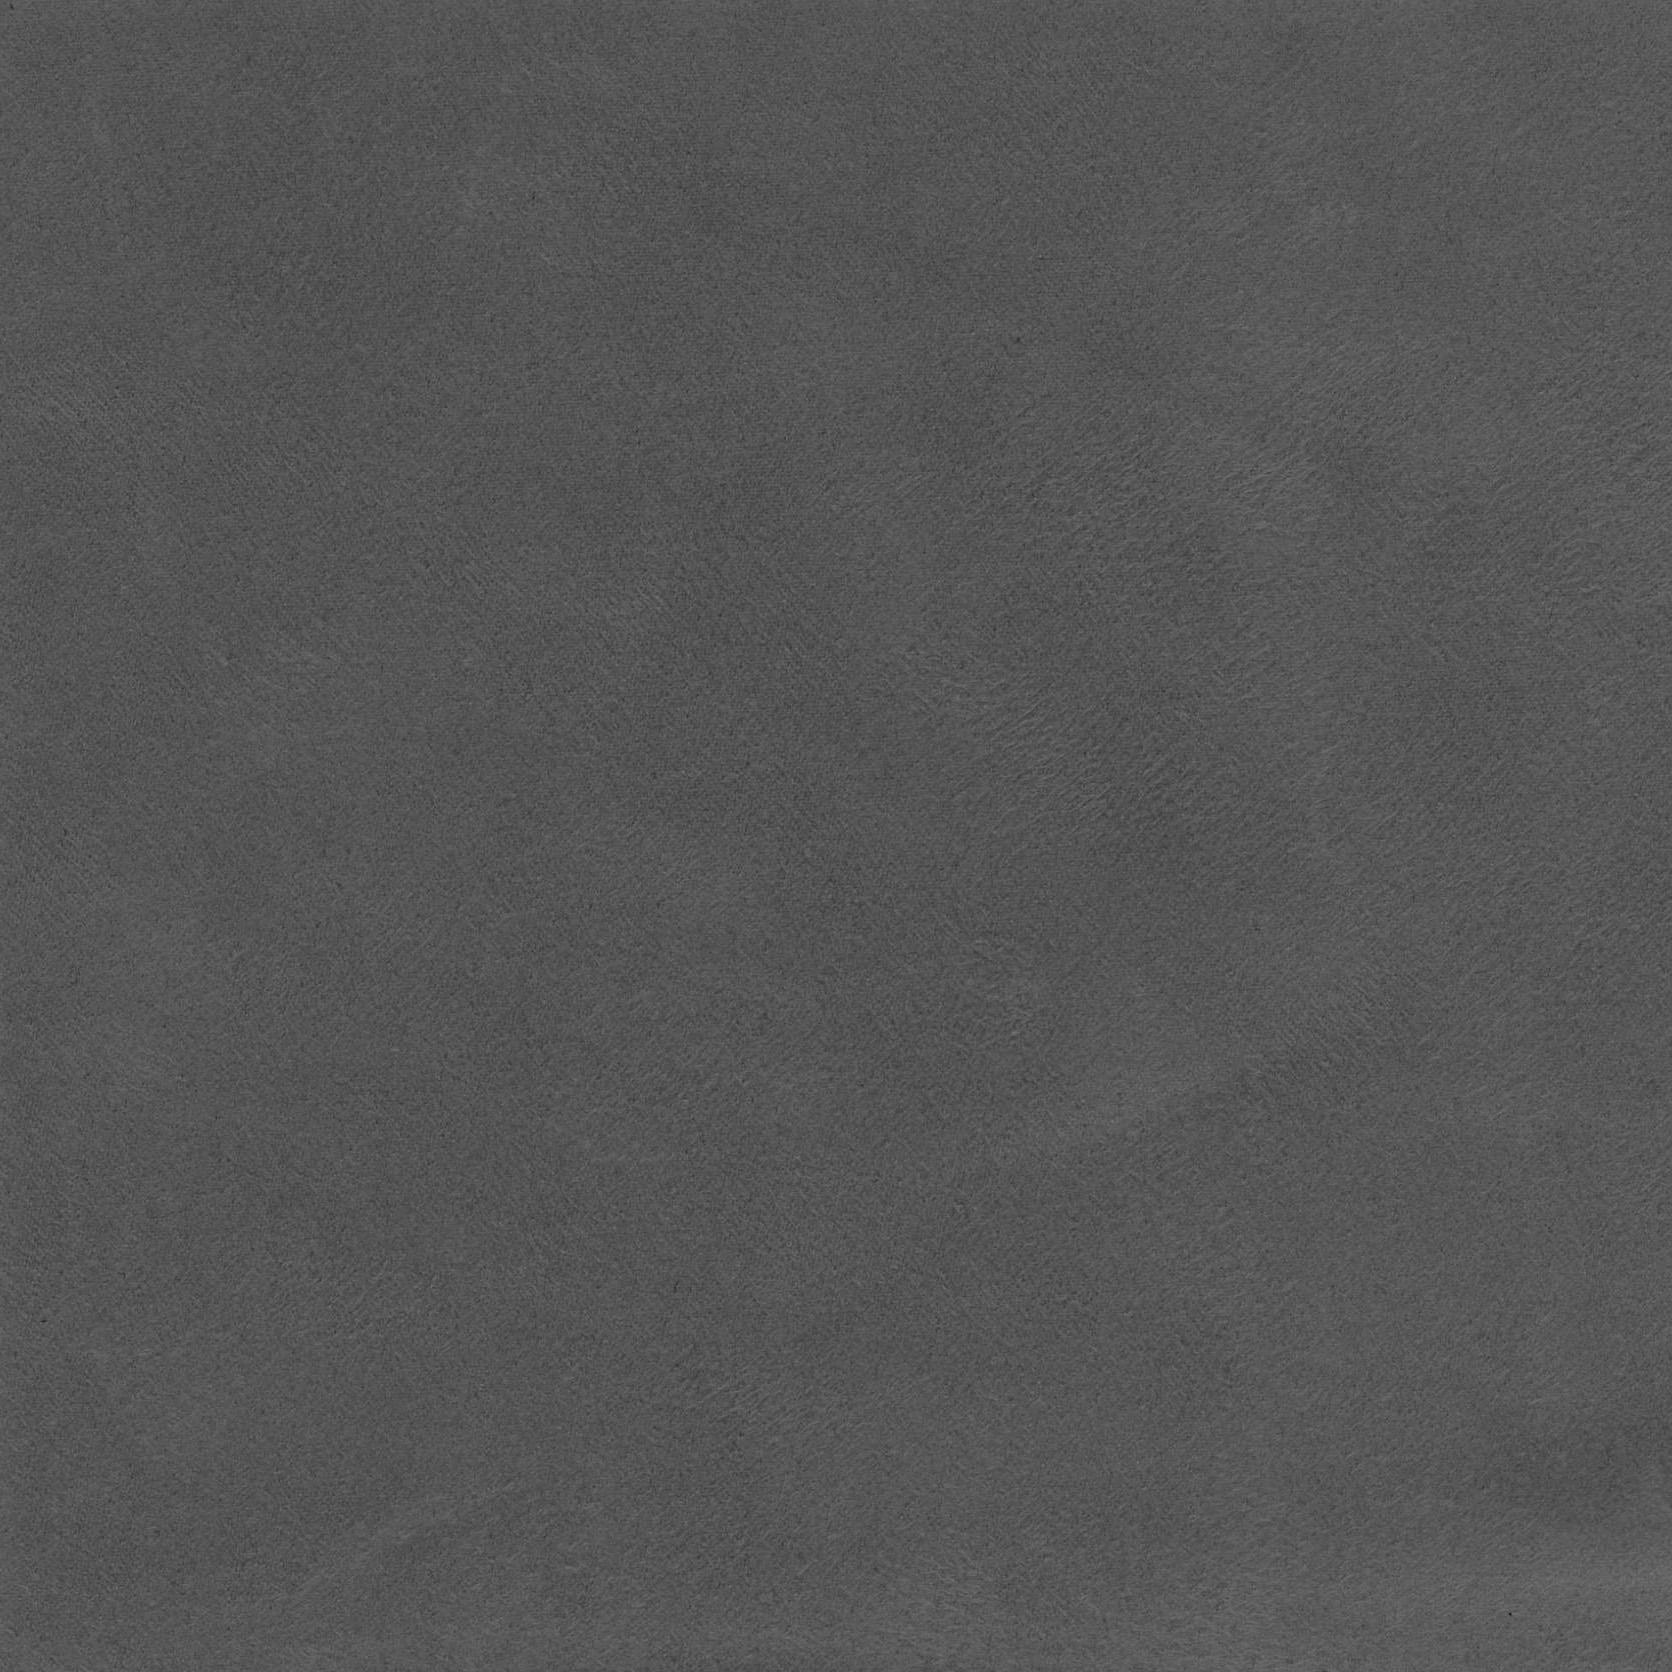 Grey – Microfiber/Microsuede